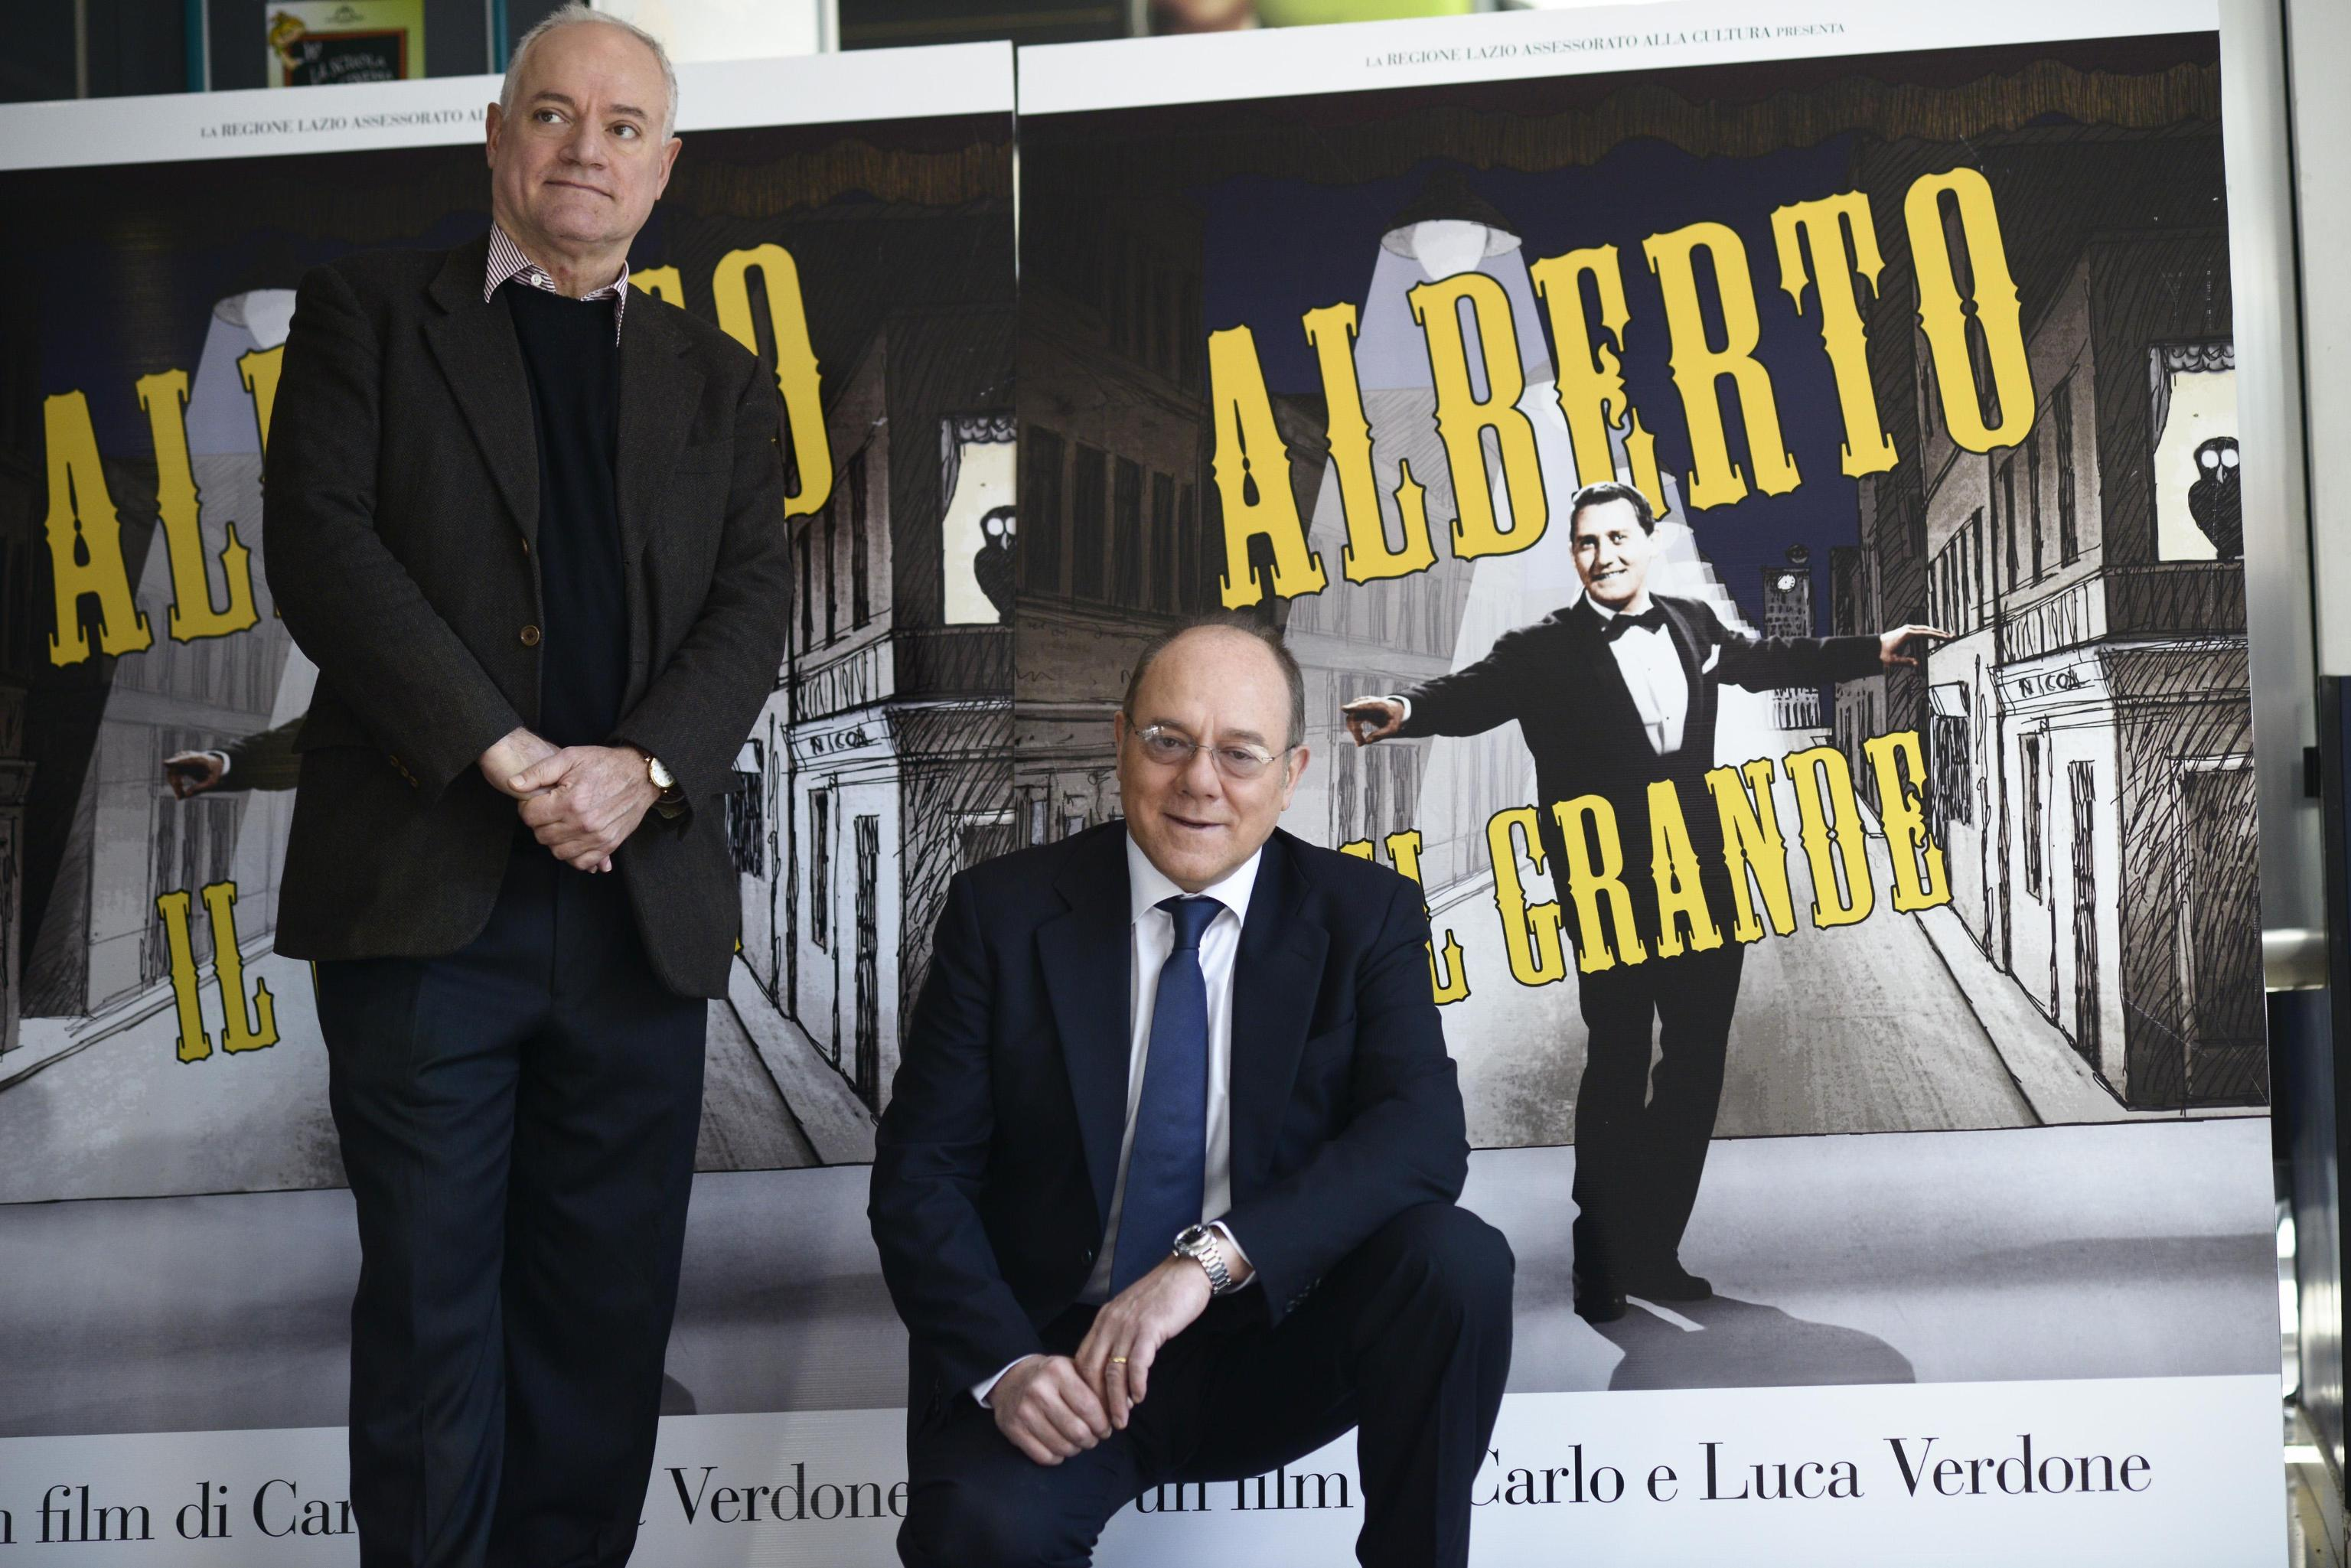 Carlo e Luca Verdone presentano documentario su Alberto Sordi 07